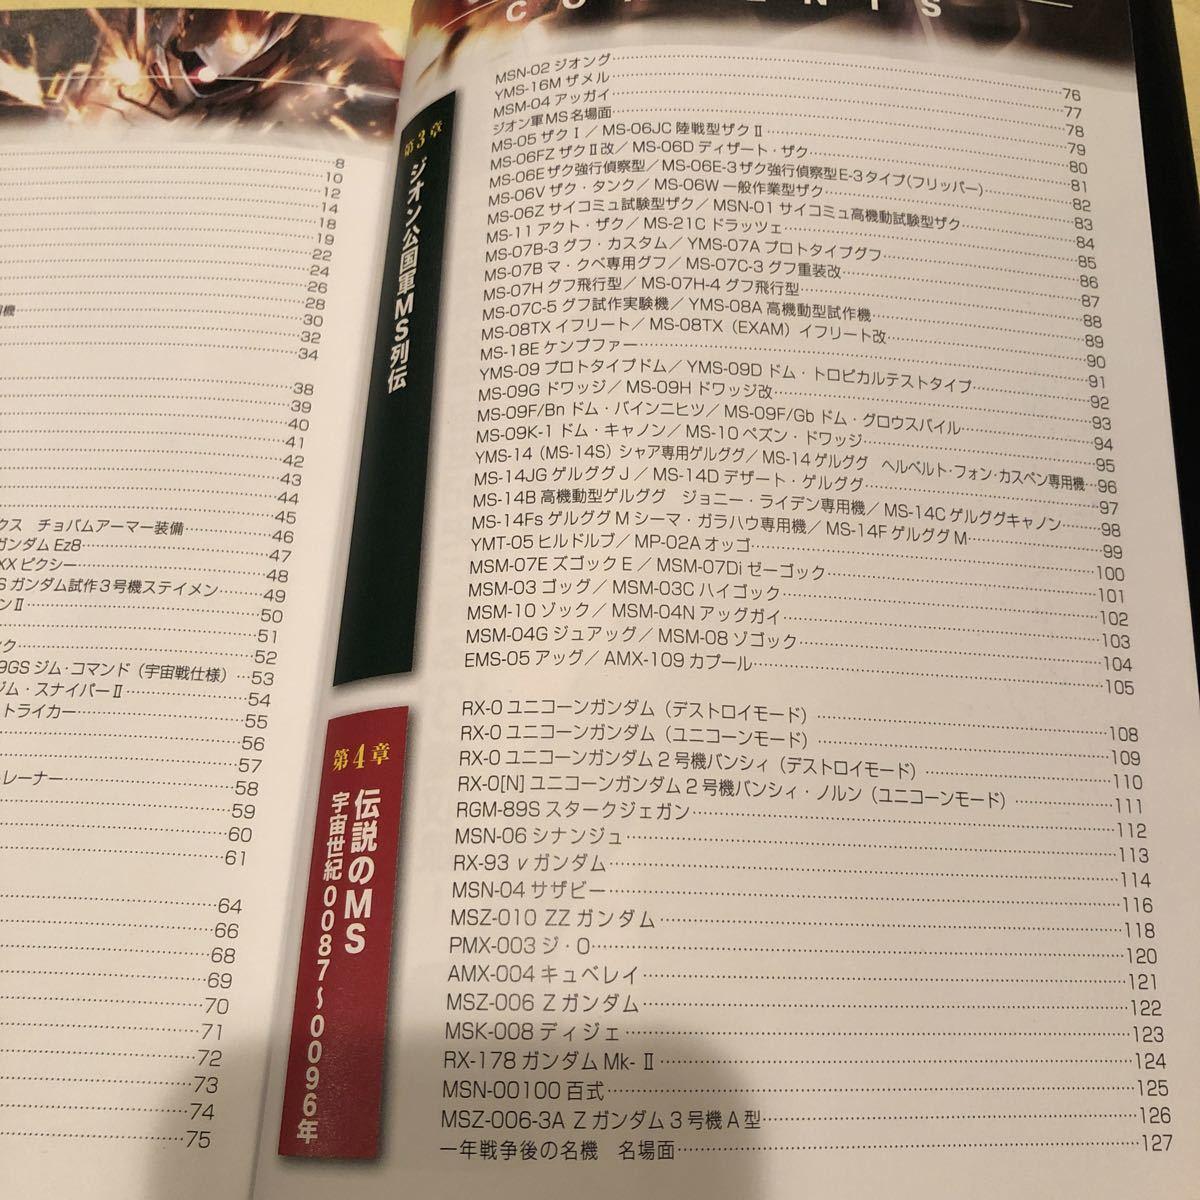 機動戦士ガンダム モビルスーツ最強図鑑 美品 富野由悠季_画像5